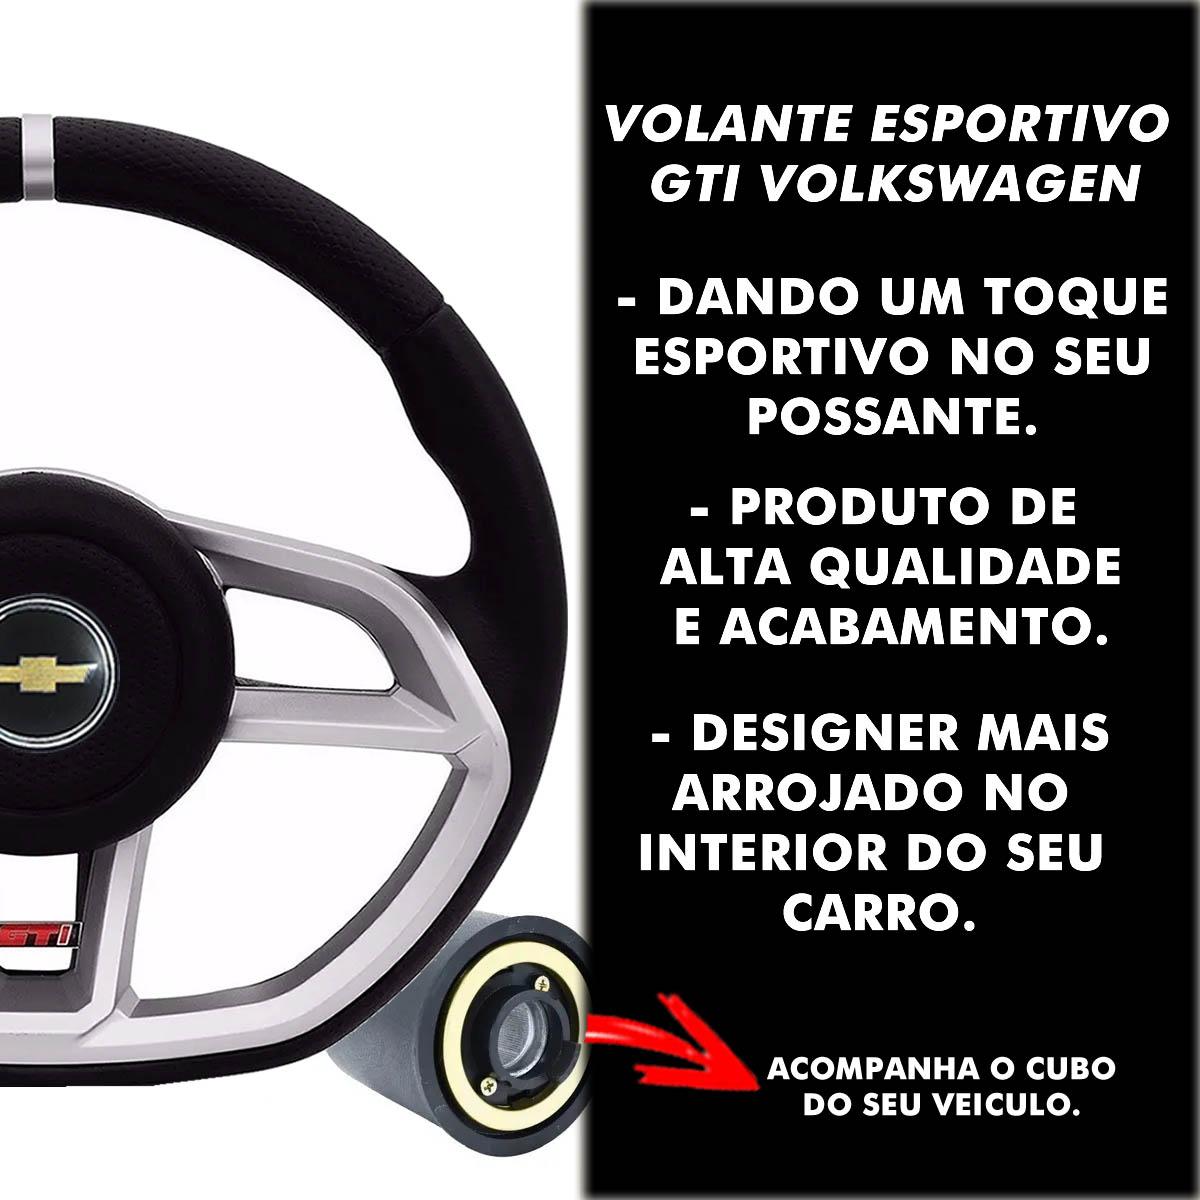 Volante Chevrolet Gti Esportivo Cubo Vectra Astra 1993 a 2011 Meriva Zafira 2000 a 2012 Poliparts